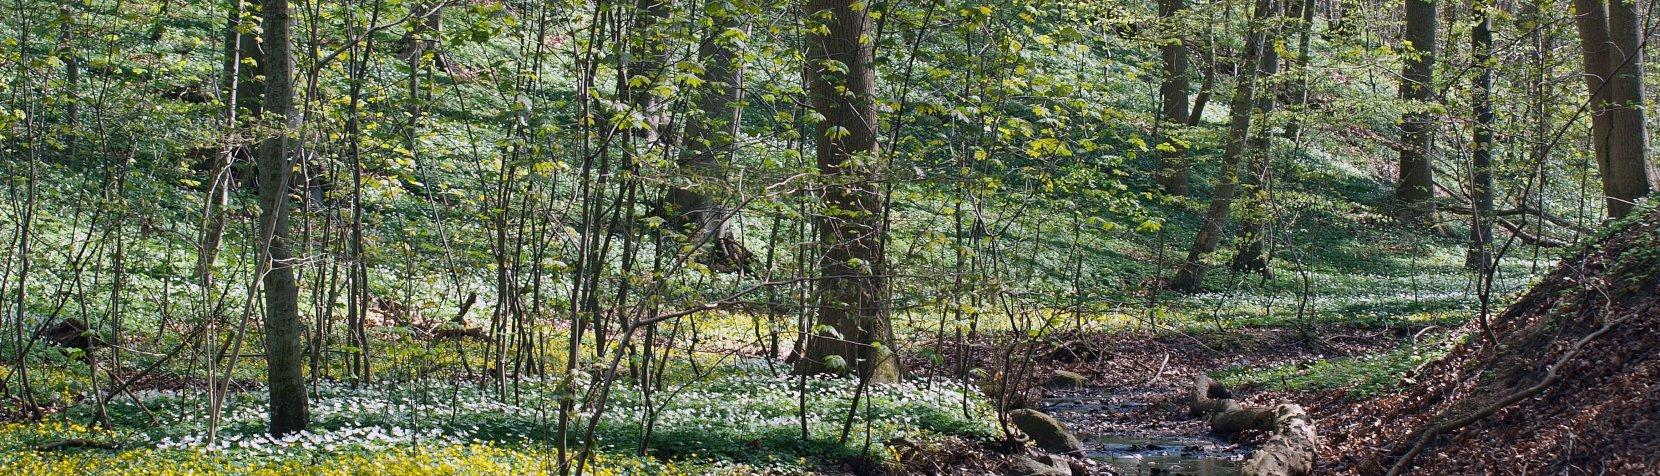 Skov der springer ud